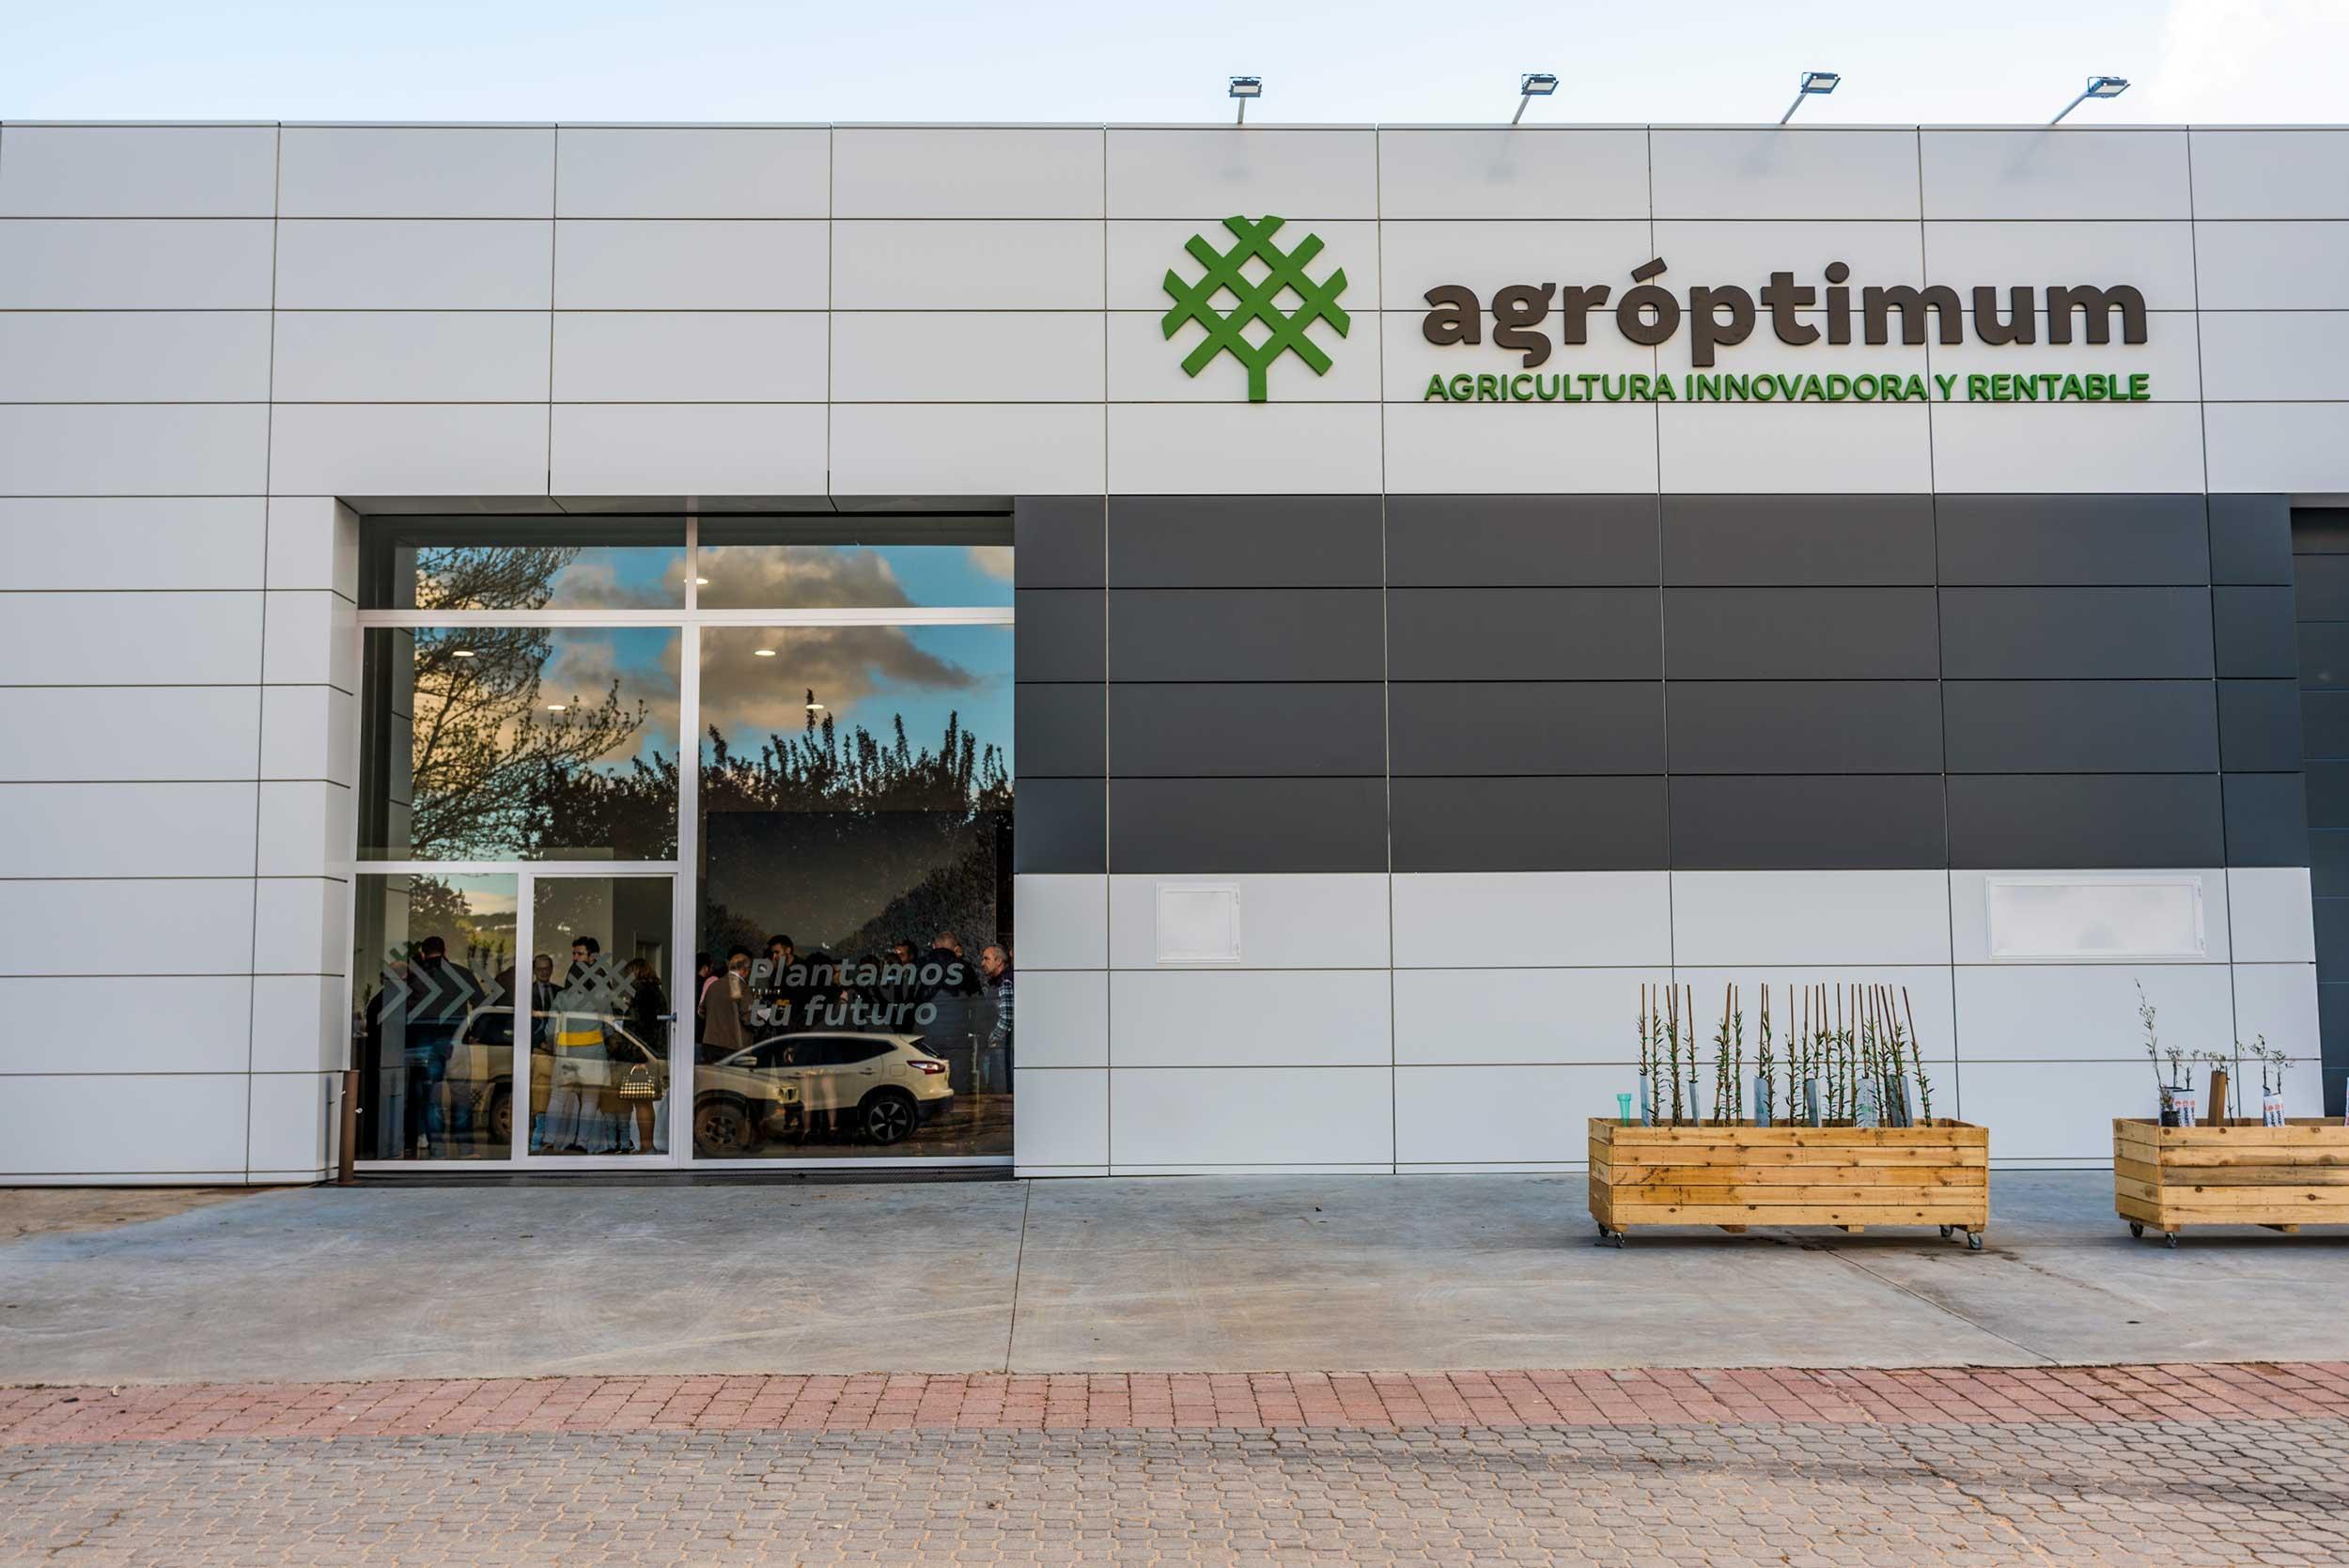 Agroptimum